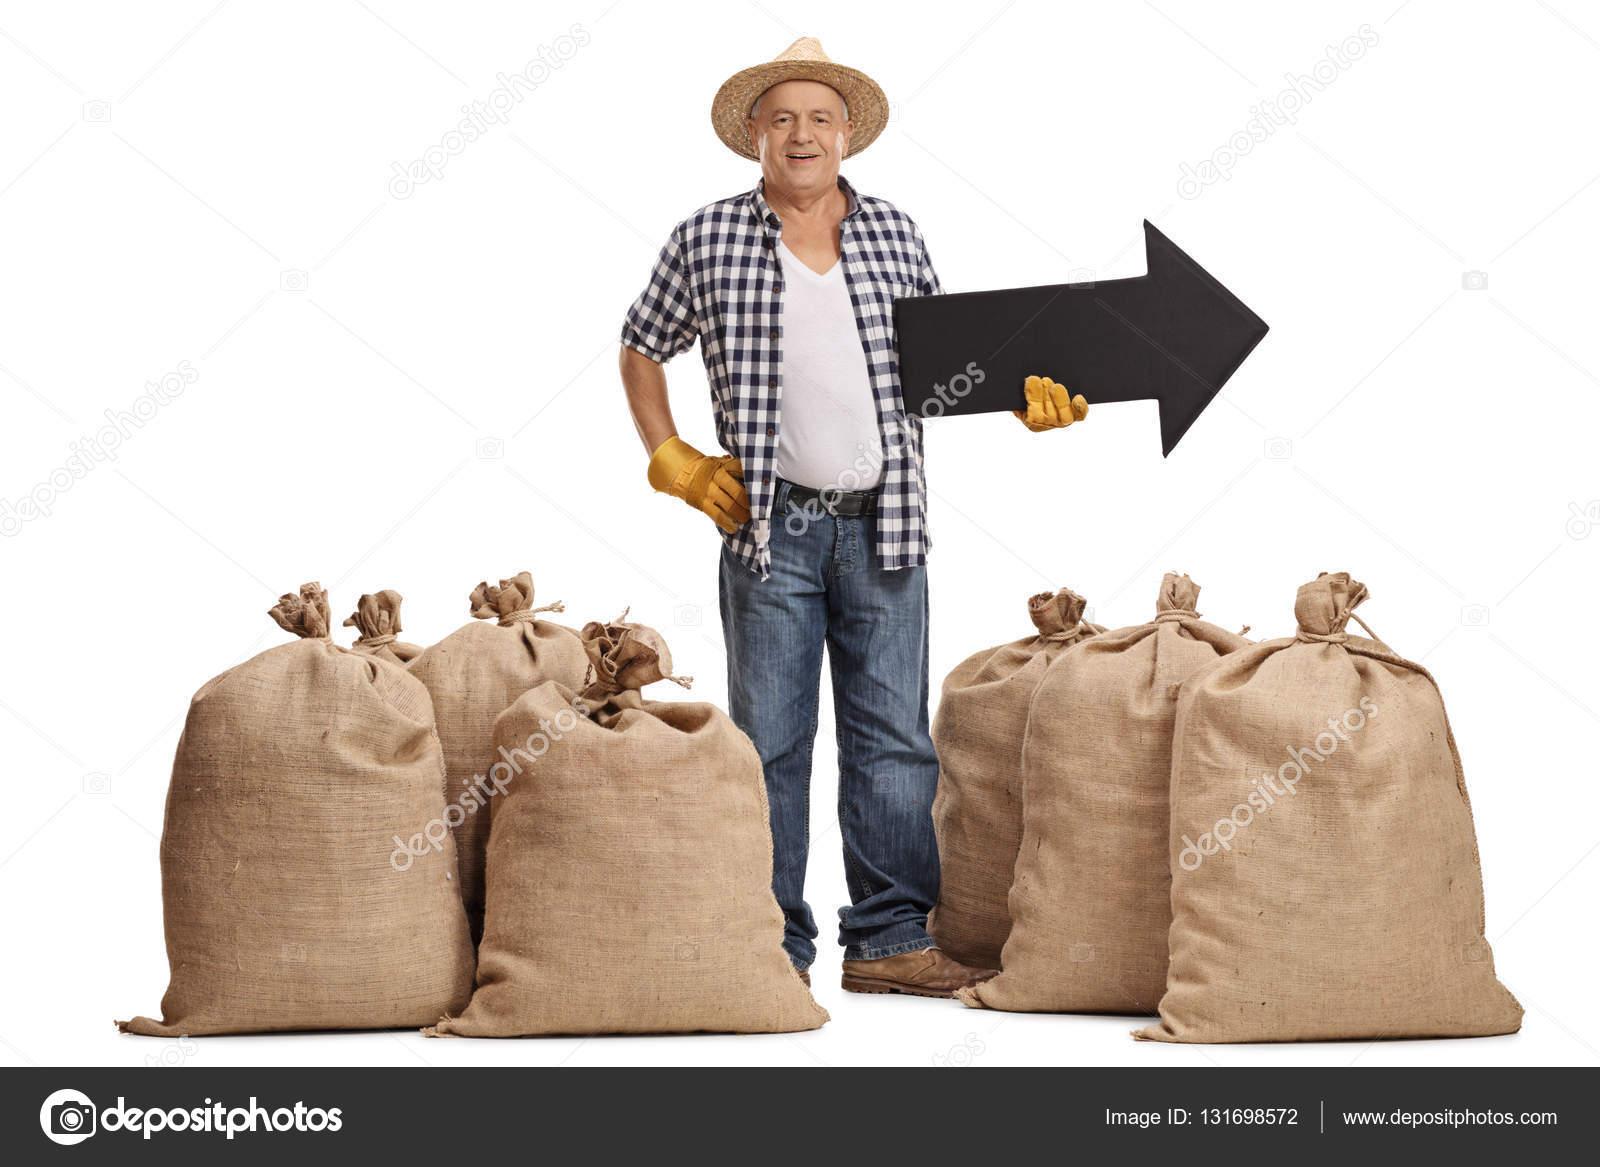 Retrato de longitud completa de un anciano agricultor entre sacos de  arpillera y sosteniendo una flecha hacia derecha aislada sobre fondo blanco  — Foto de ... 17f5b2e8db6